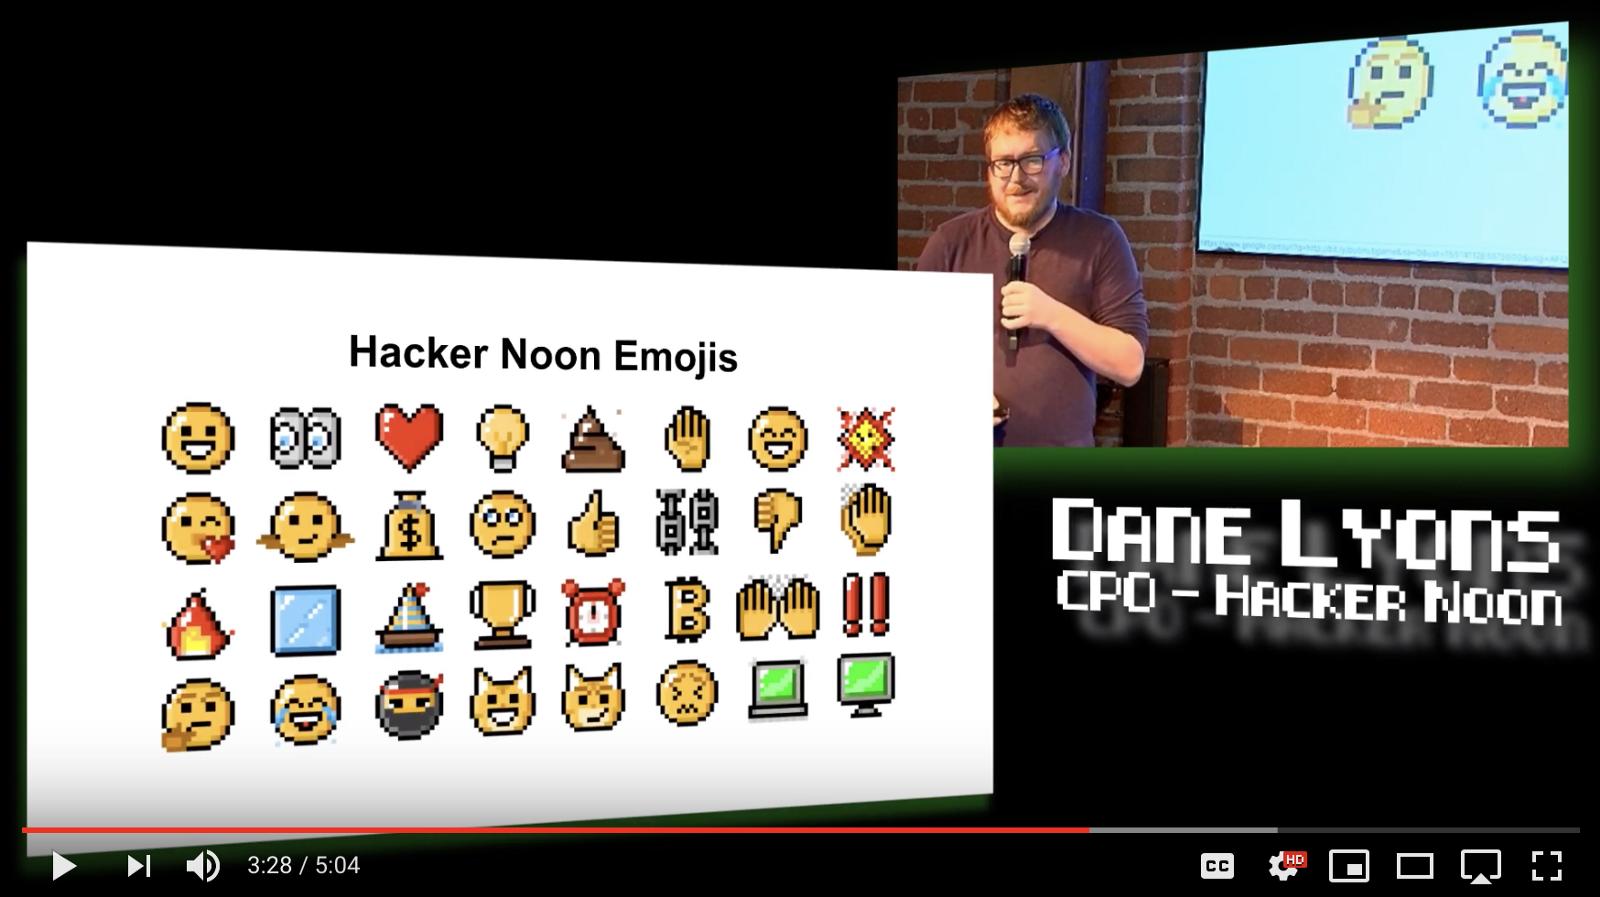 /robots-emojis-blockchain-and-enterprise-86cfc544856b feature image